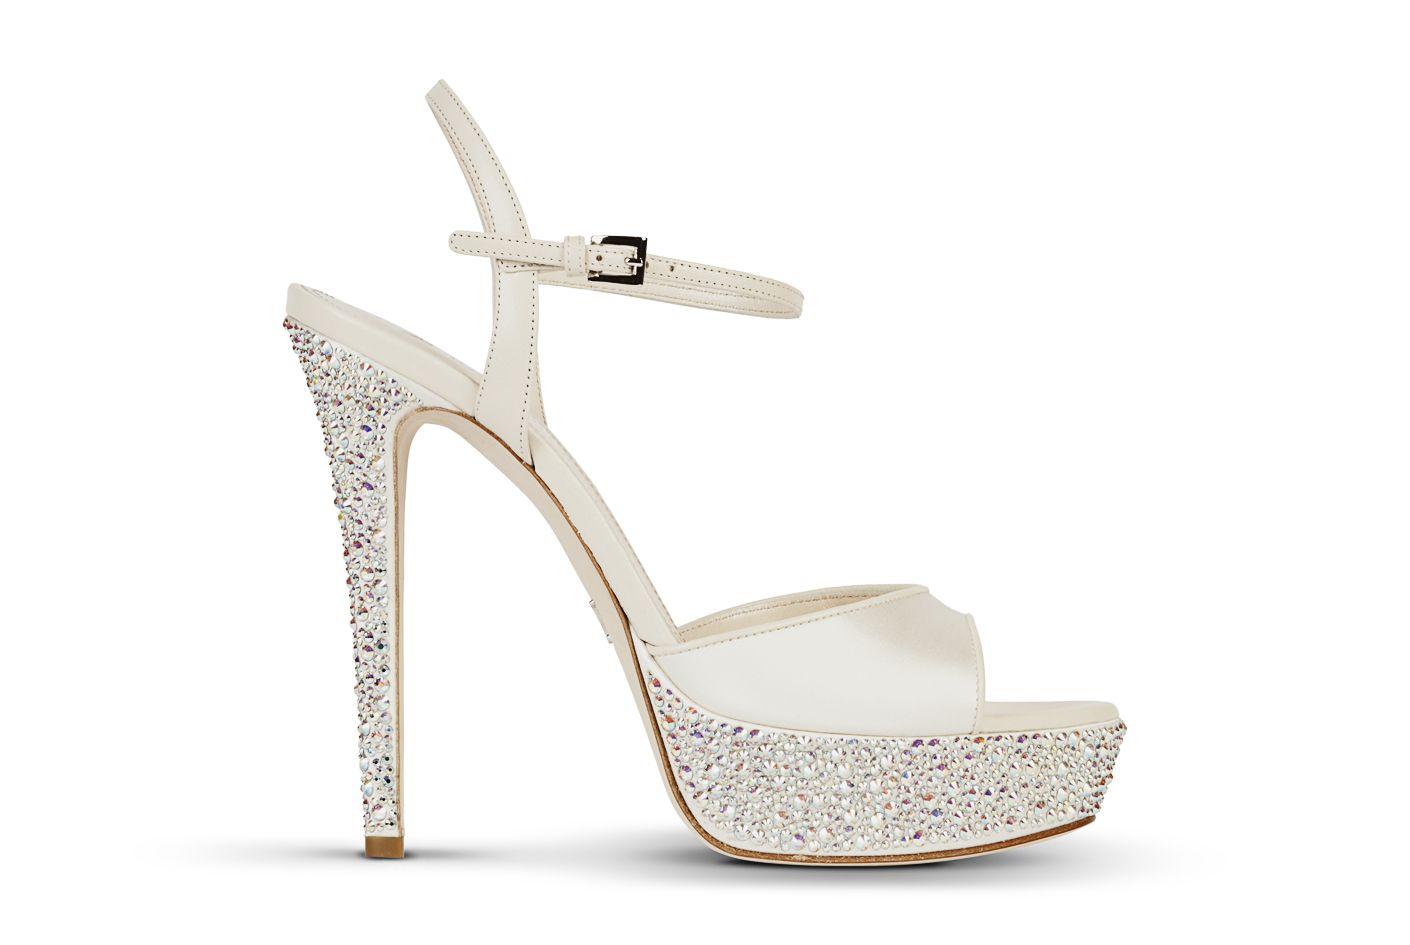 promozione tra qualche giorno acquista lusso ROCK 104 ‹ Mascia Mandolesi, scarpe da sposa e cerimonia ...